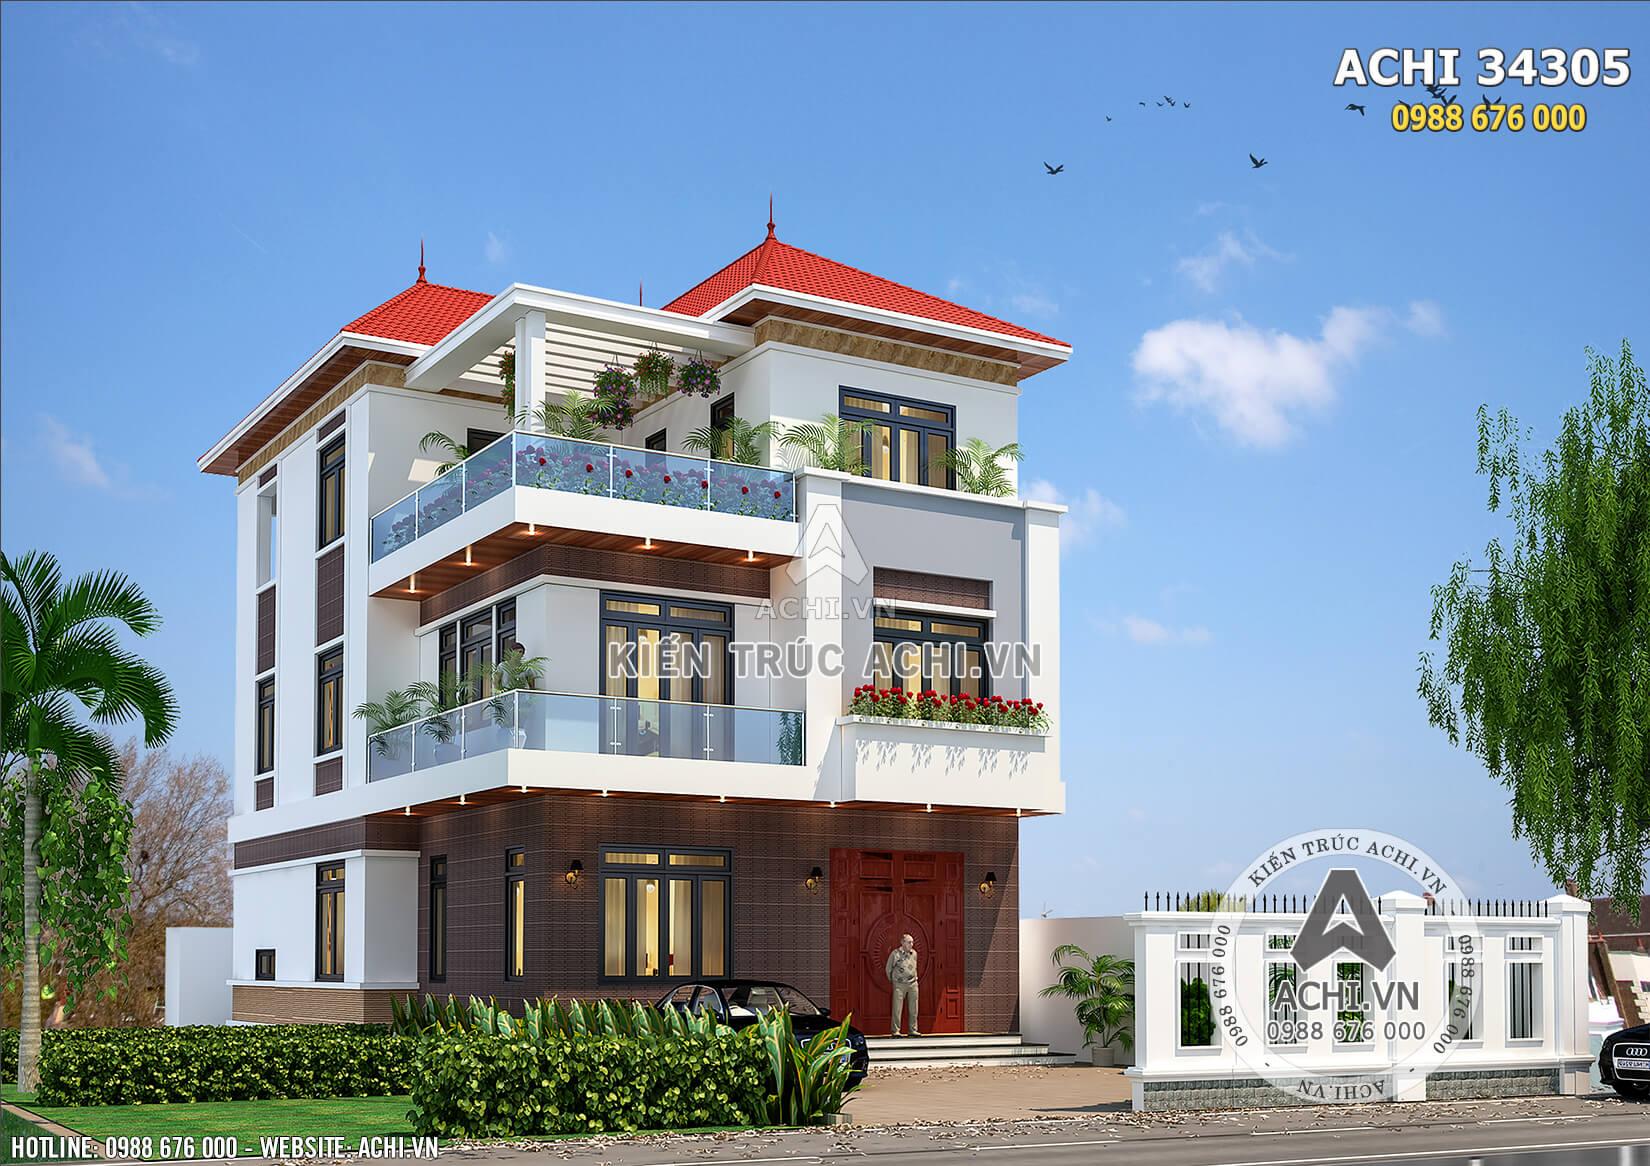 Một góc view với kiến trúc hiện đại, đẹp và thu hút của mẫu biệt thự 3 tầng